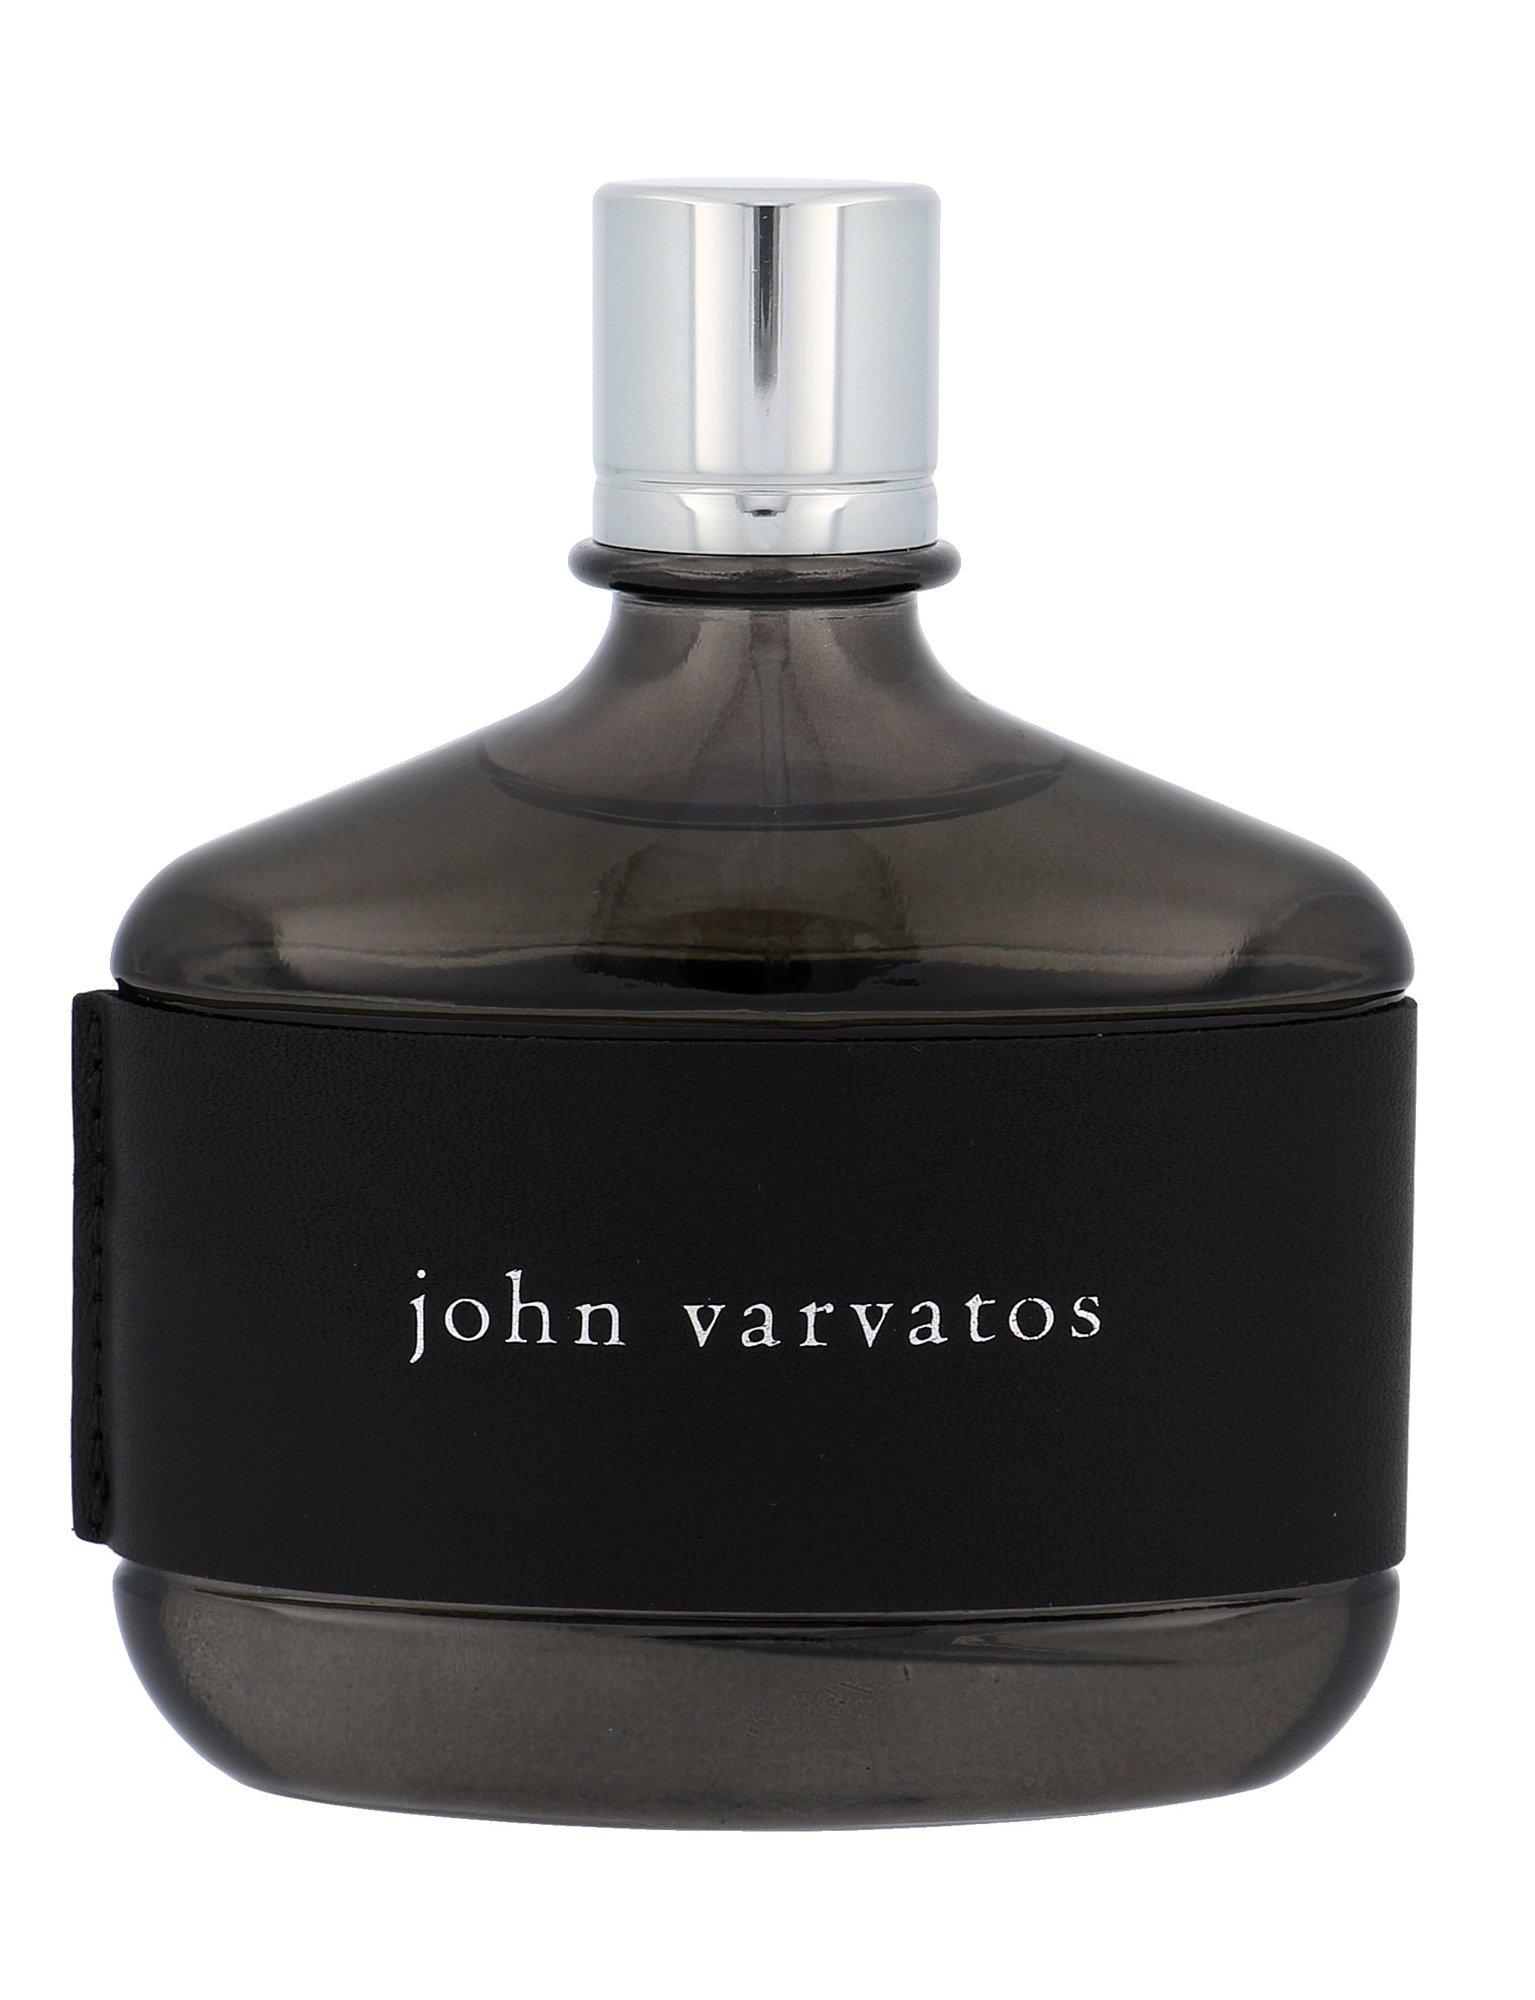 John Varvatos John Varvatos EDT 75ml